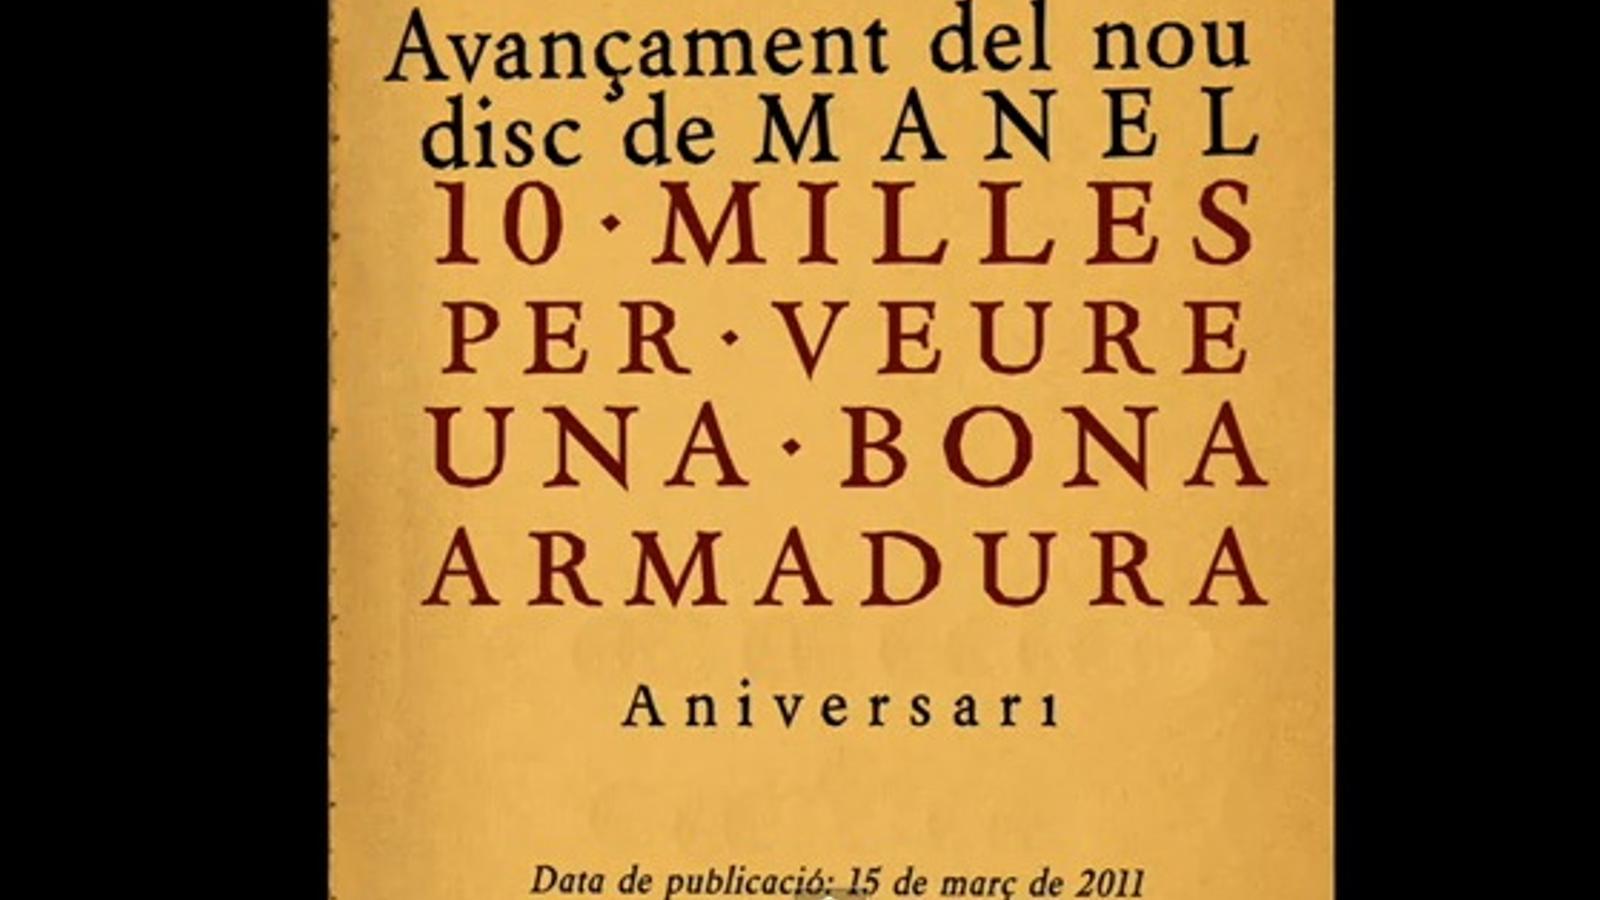 'Aniversari', tema d'avançament del nou disc dels Manel